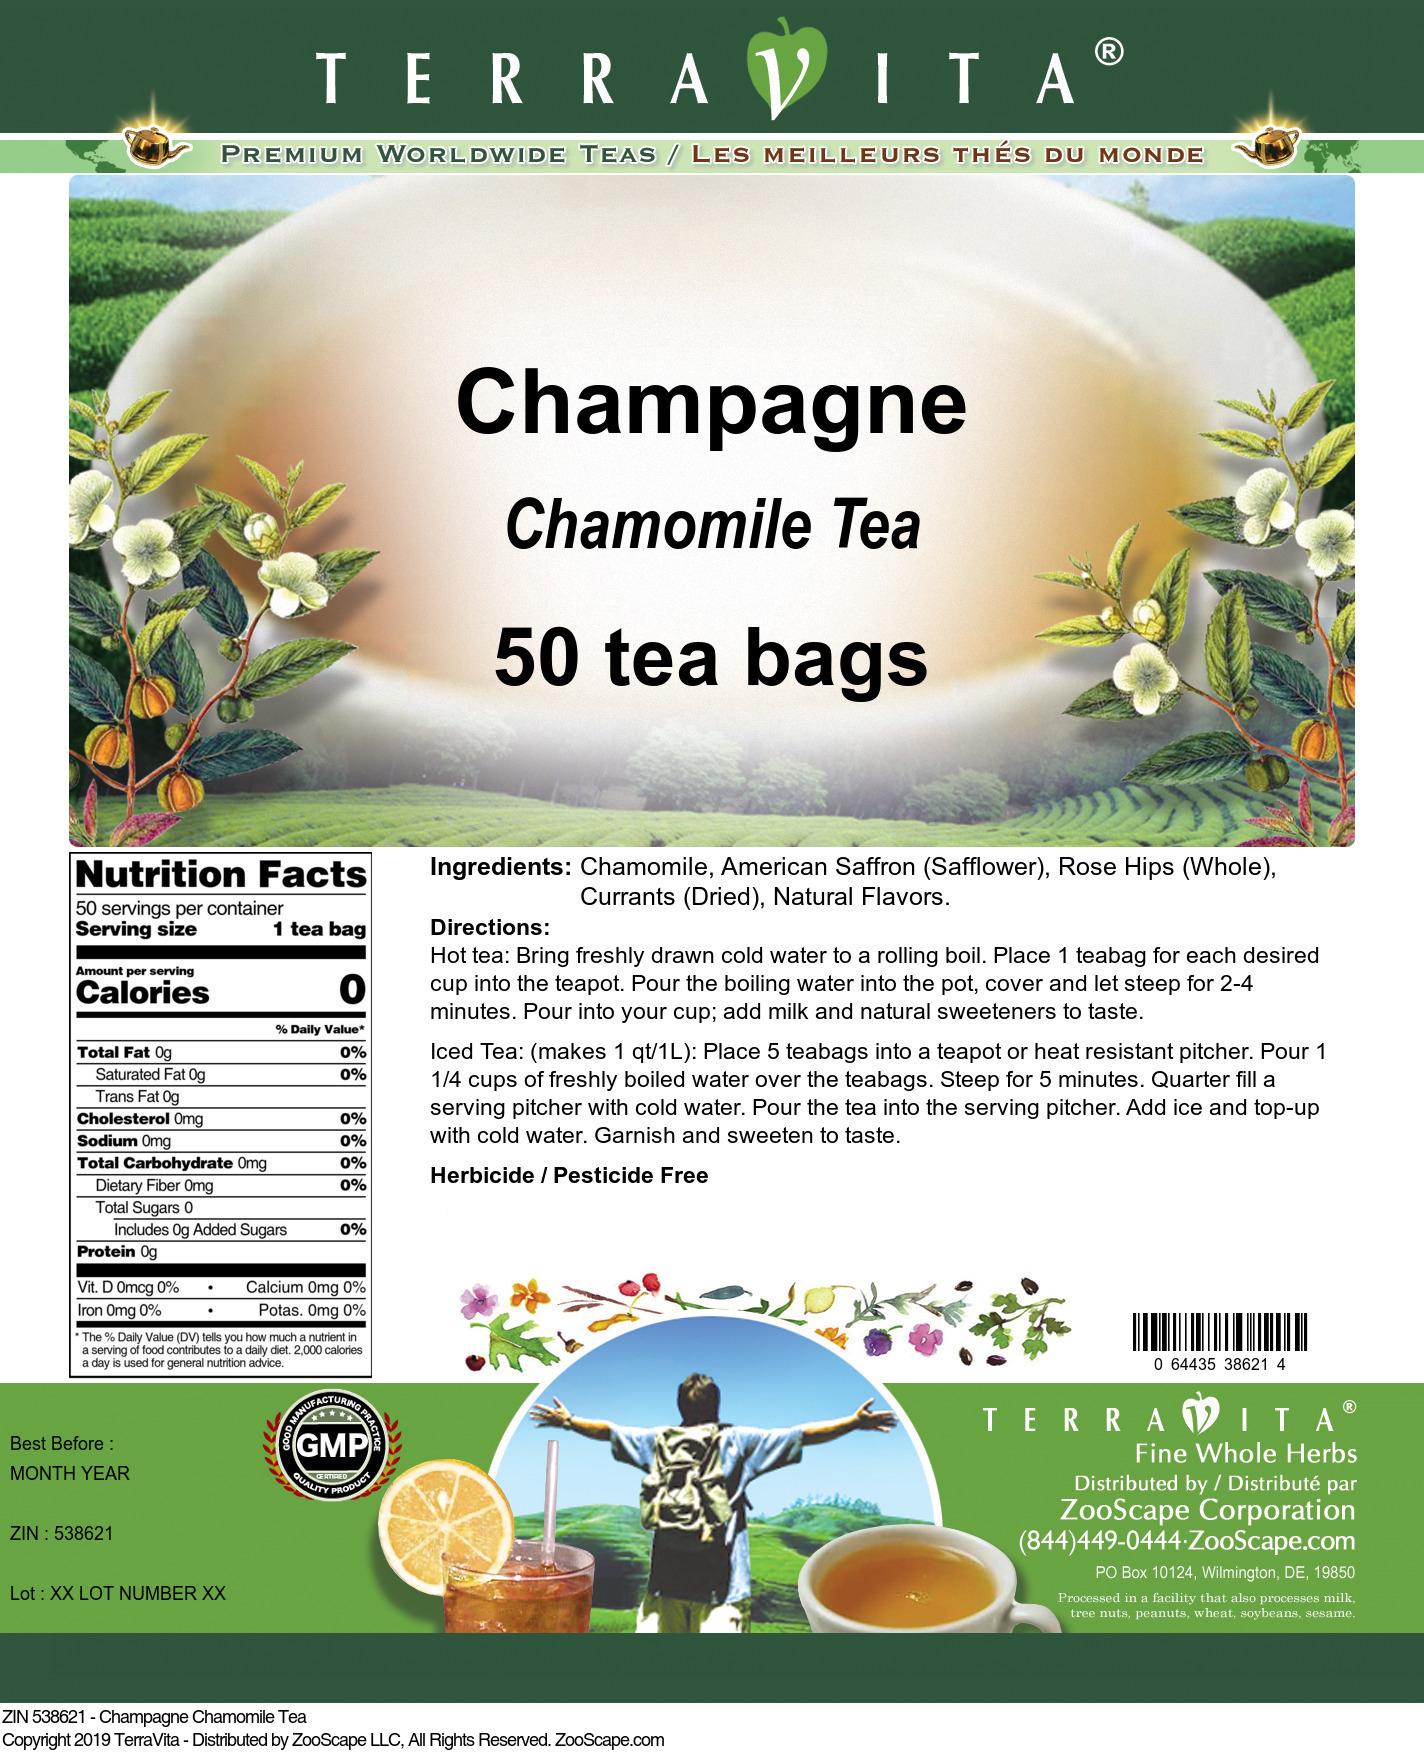 Champagne Chamomile Tea